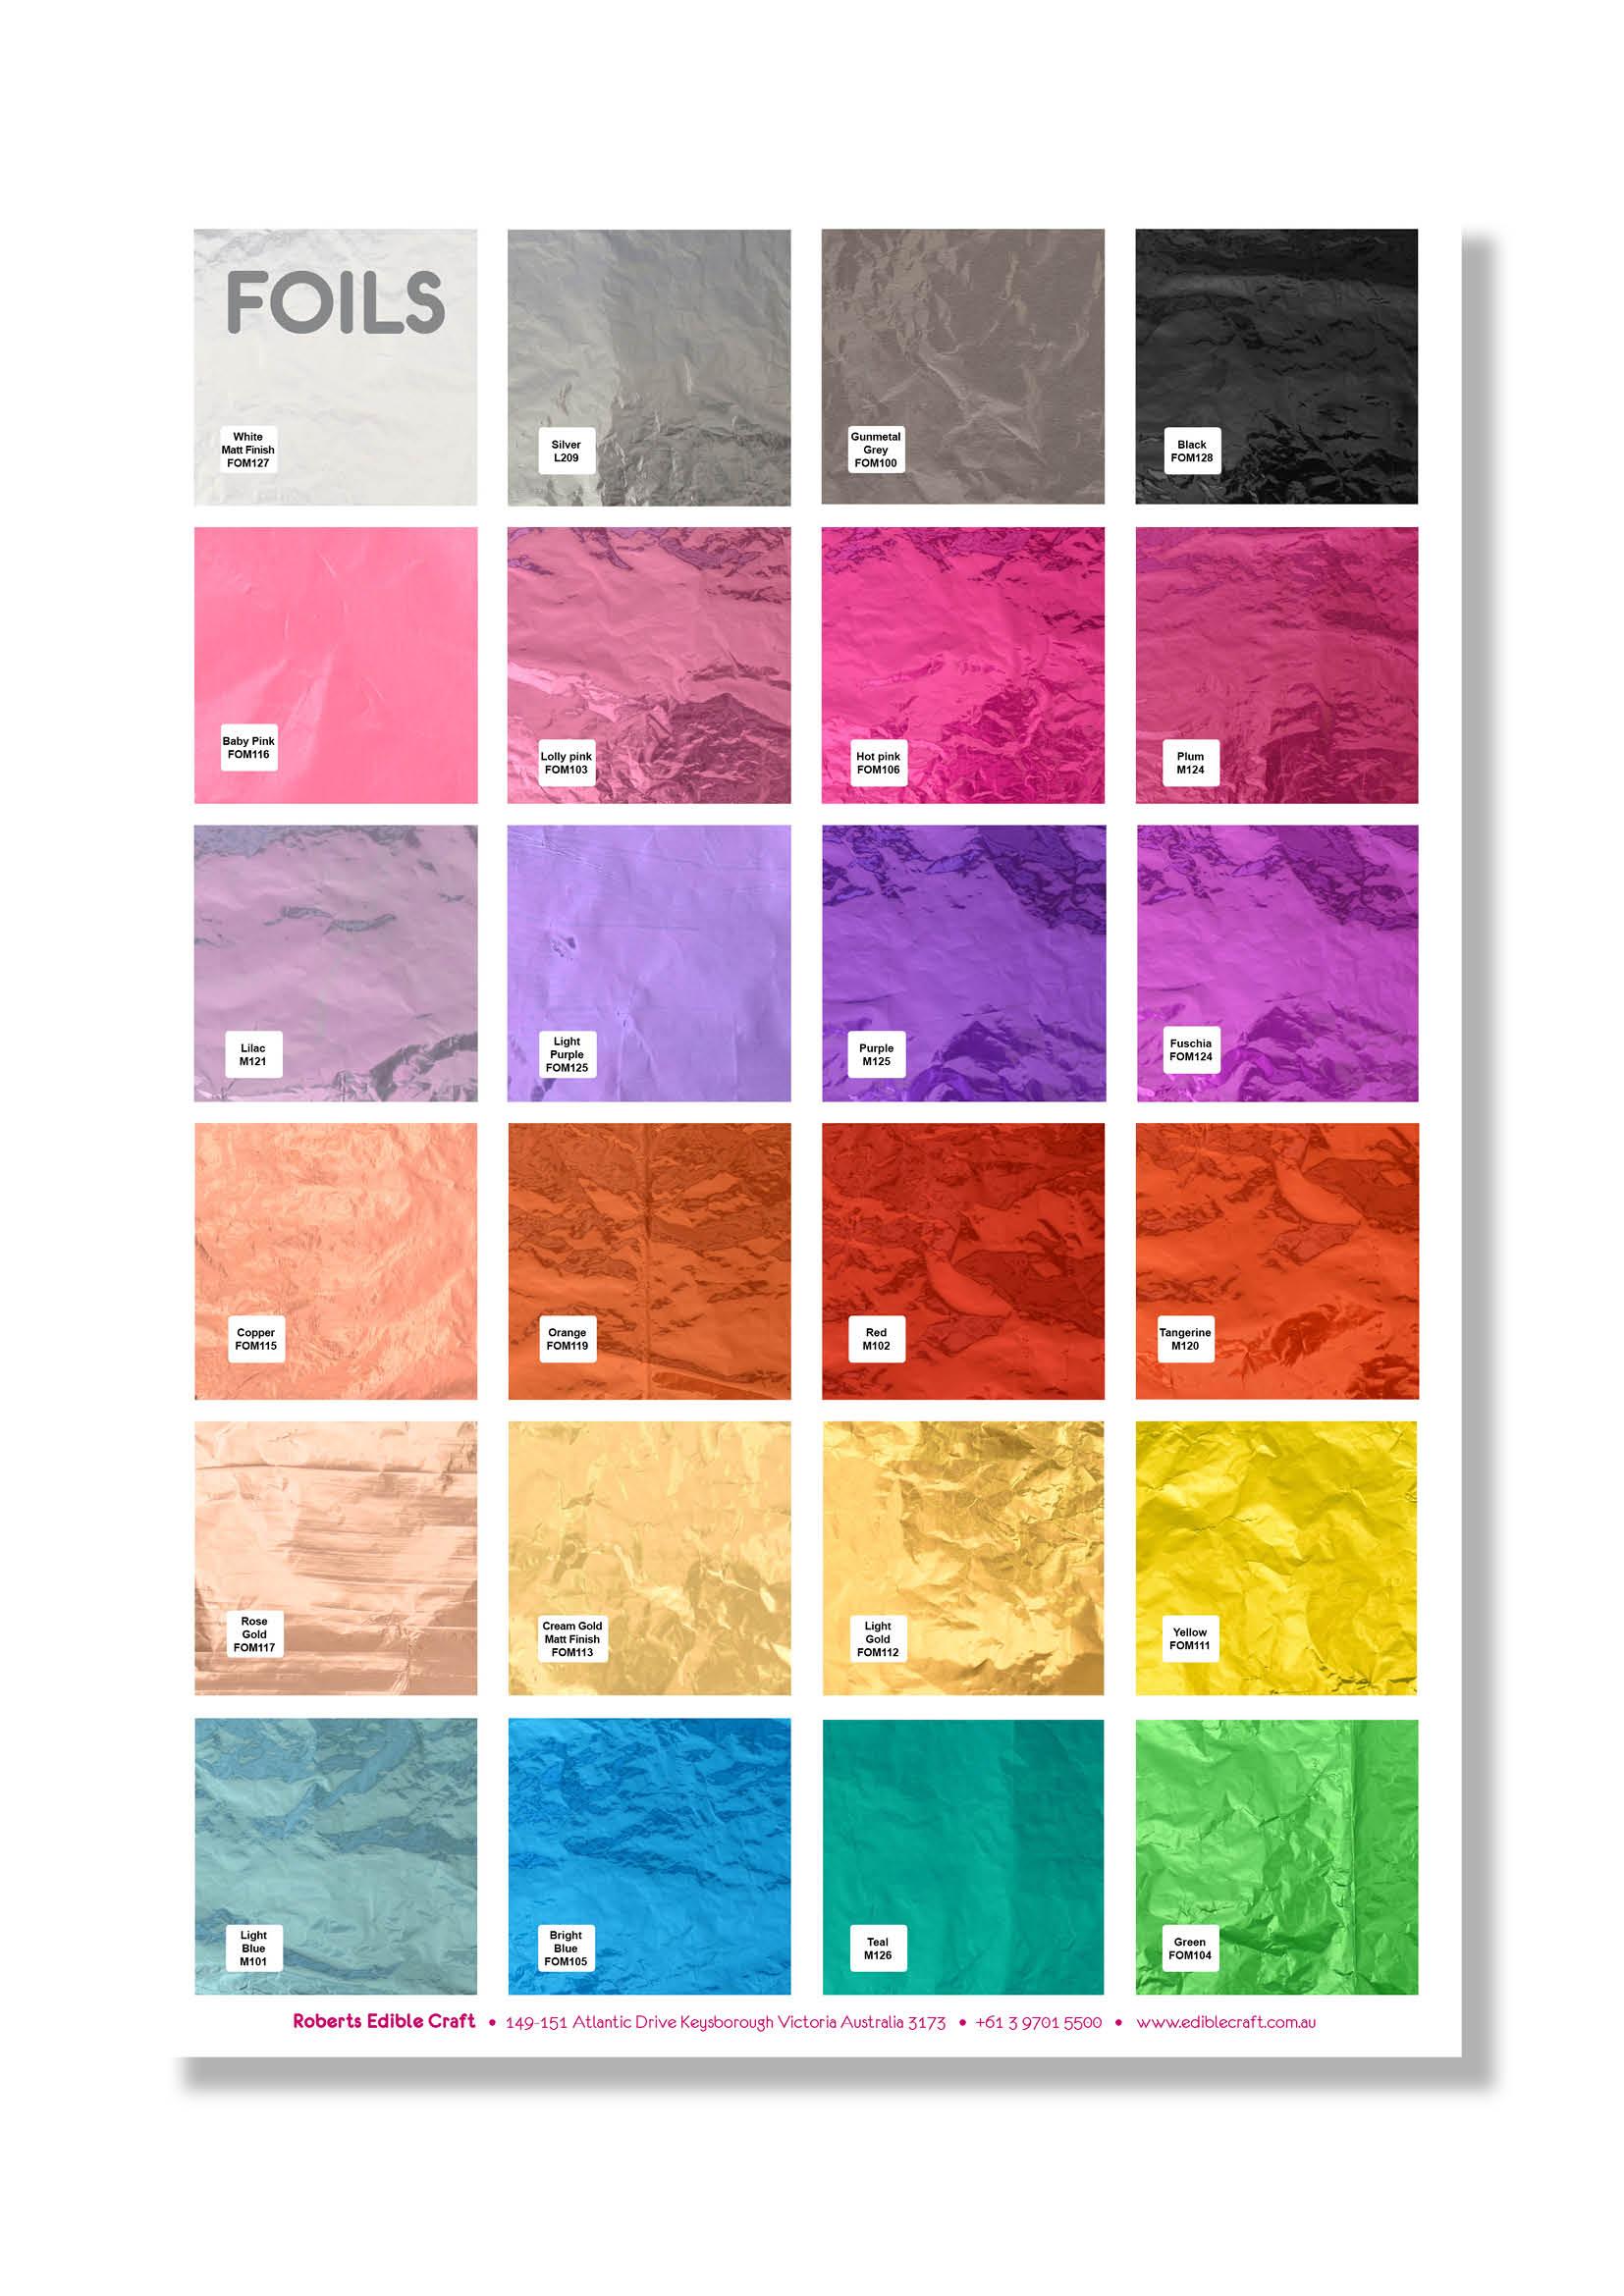 foil-swatch-images-for-website.jpg